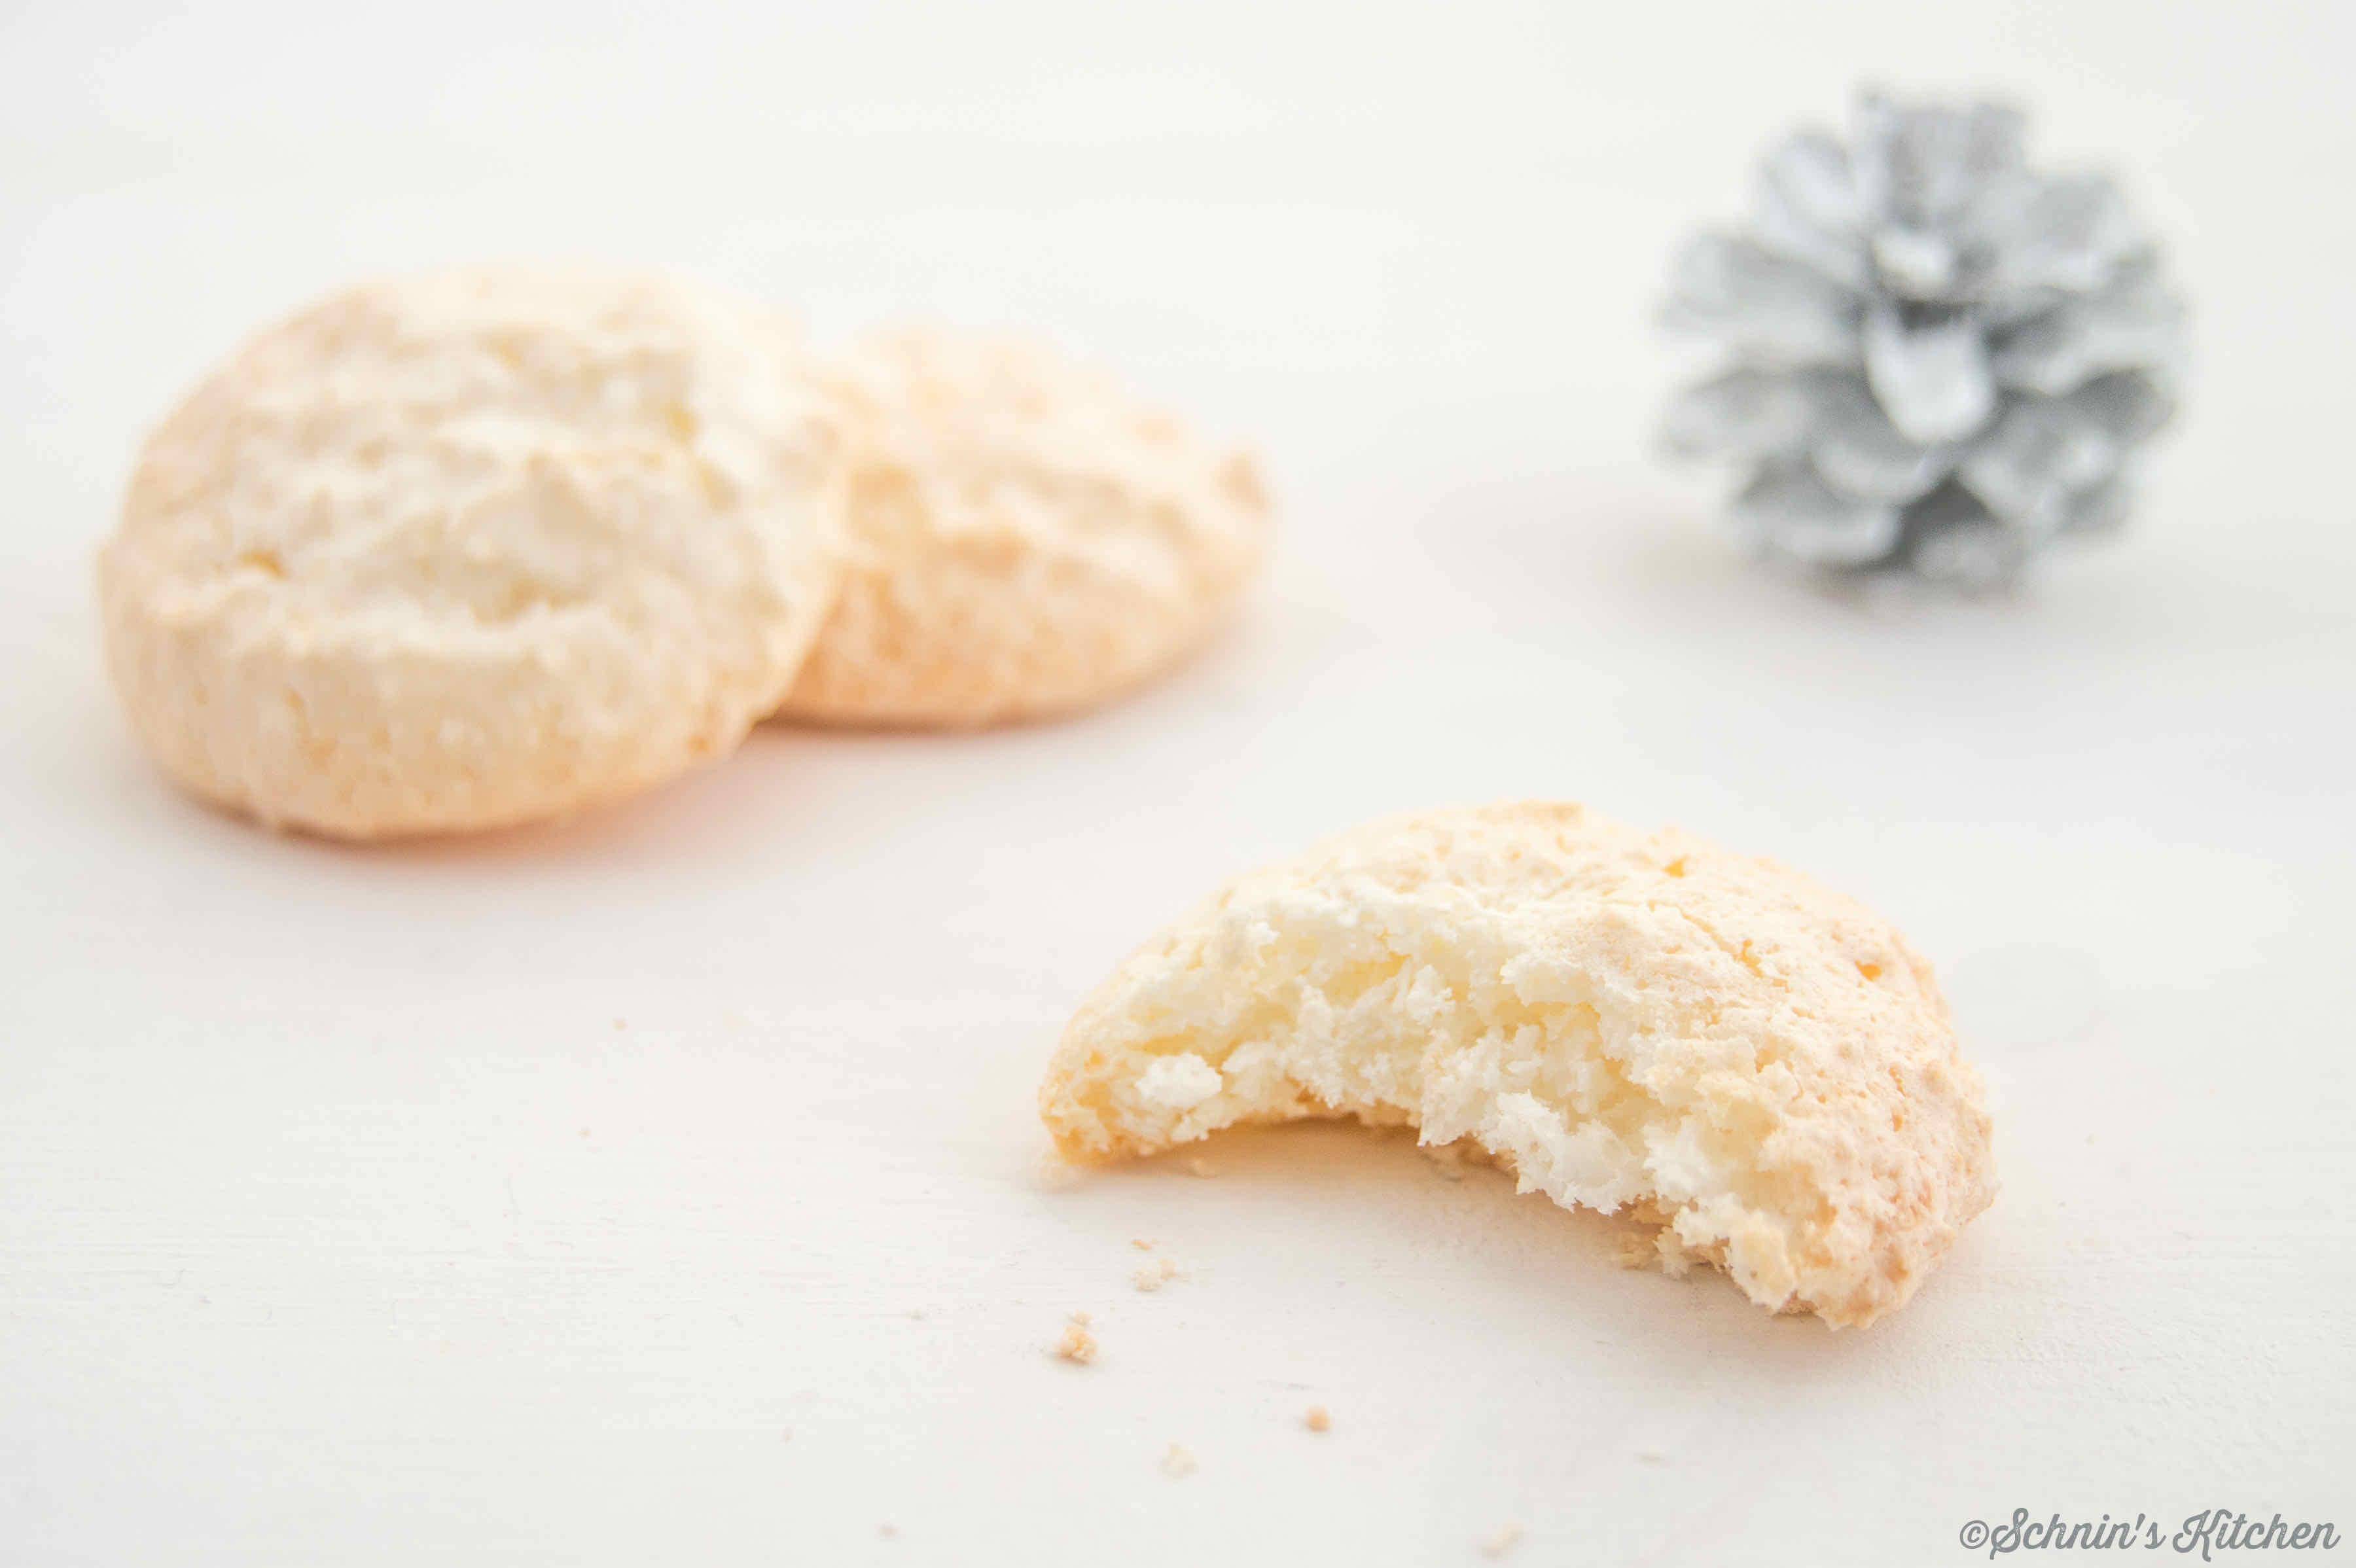 Kokosmakronen für die Weihnachtsbäckerei | www.schninskitchen.de